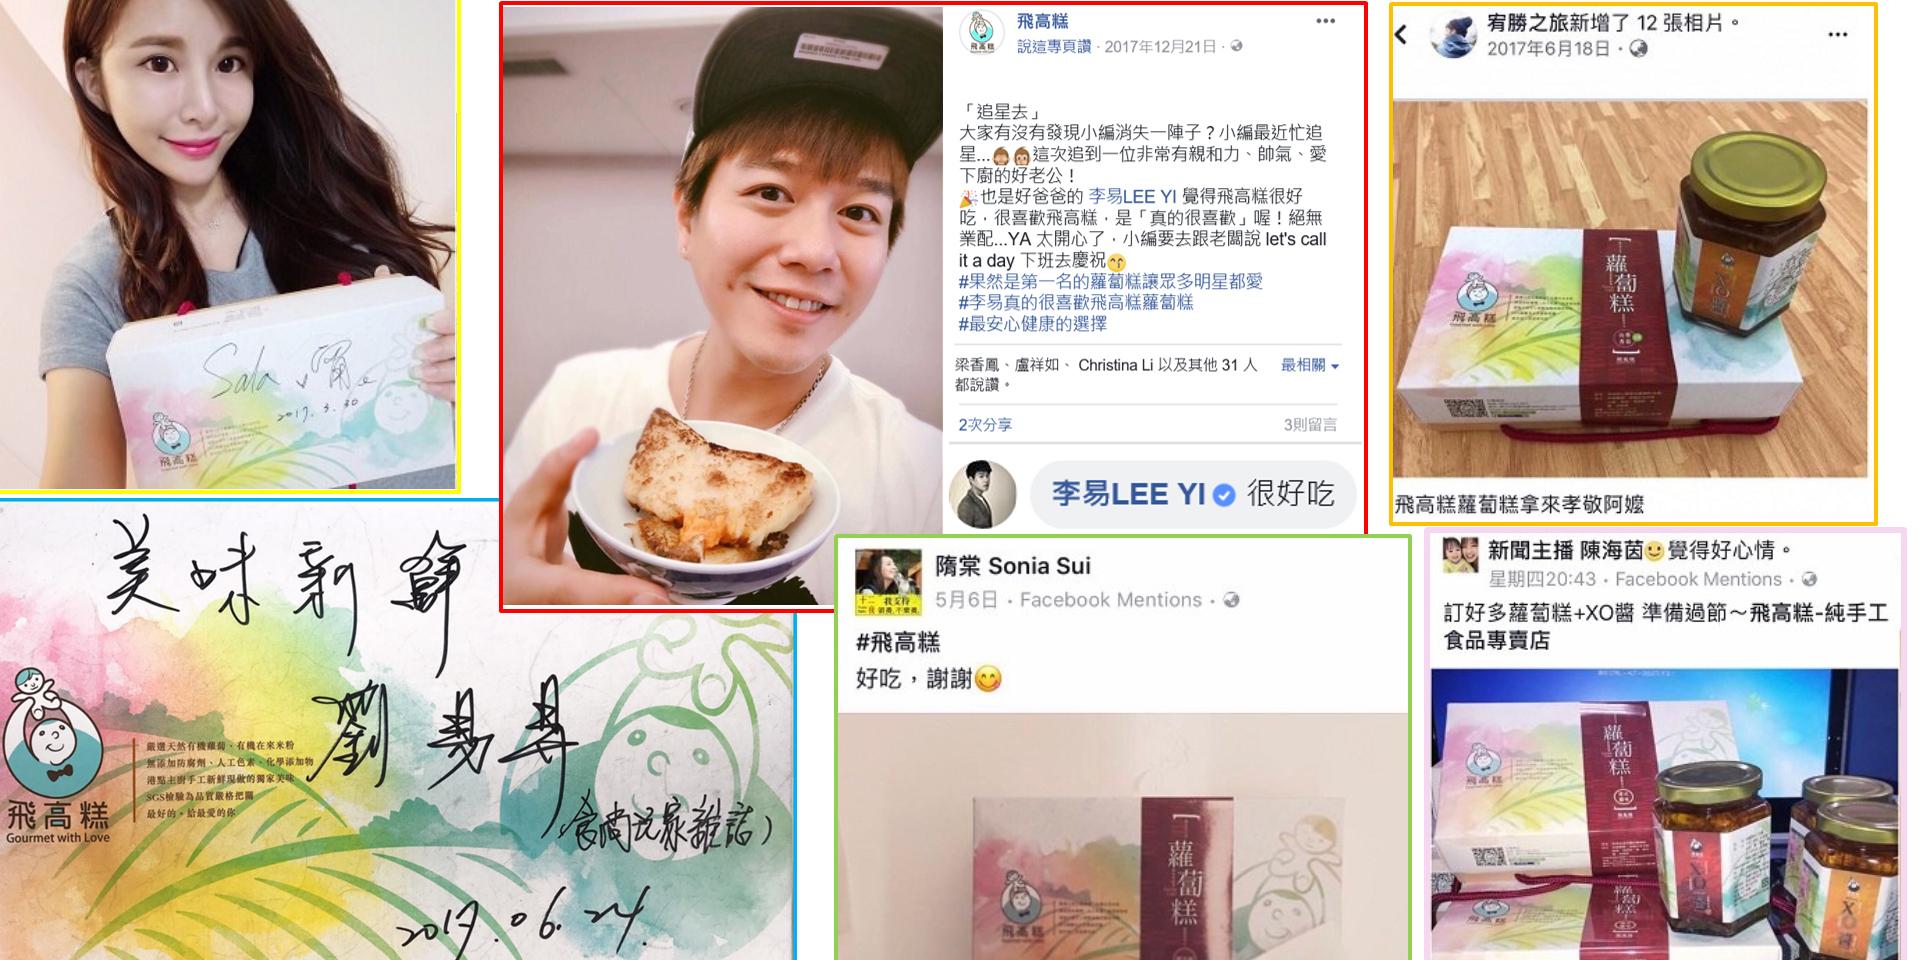 明星推薦,媽咪必推,香港人都愛,港式蘿蔔糕,XO干貝醬,主播也愛,過年送禮